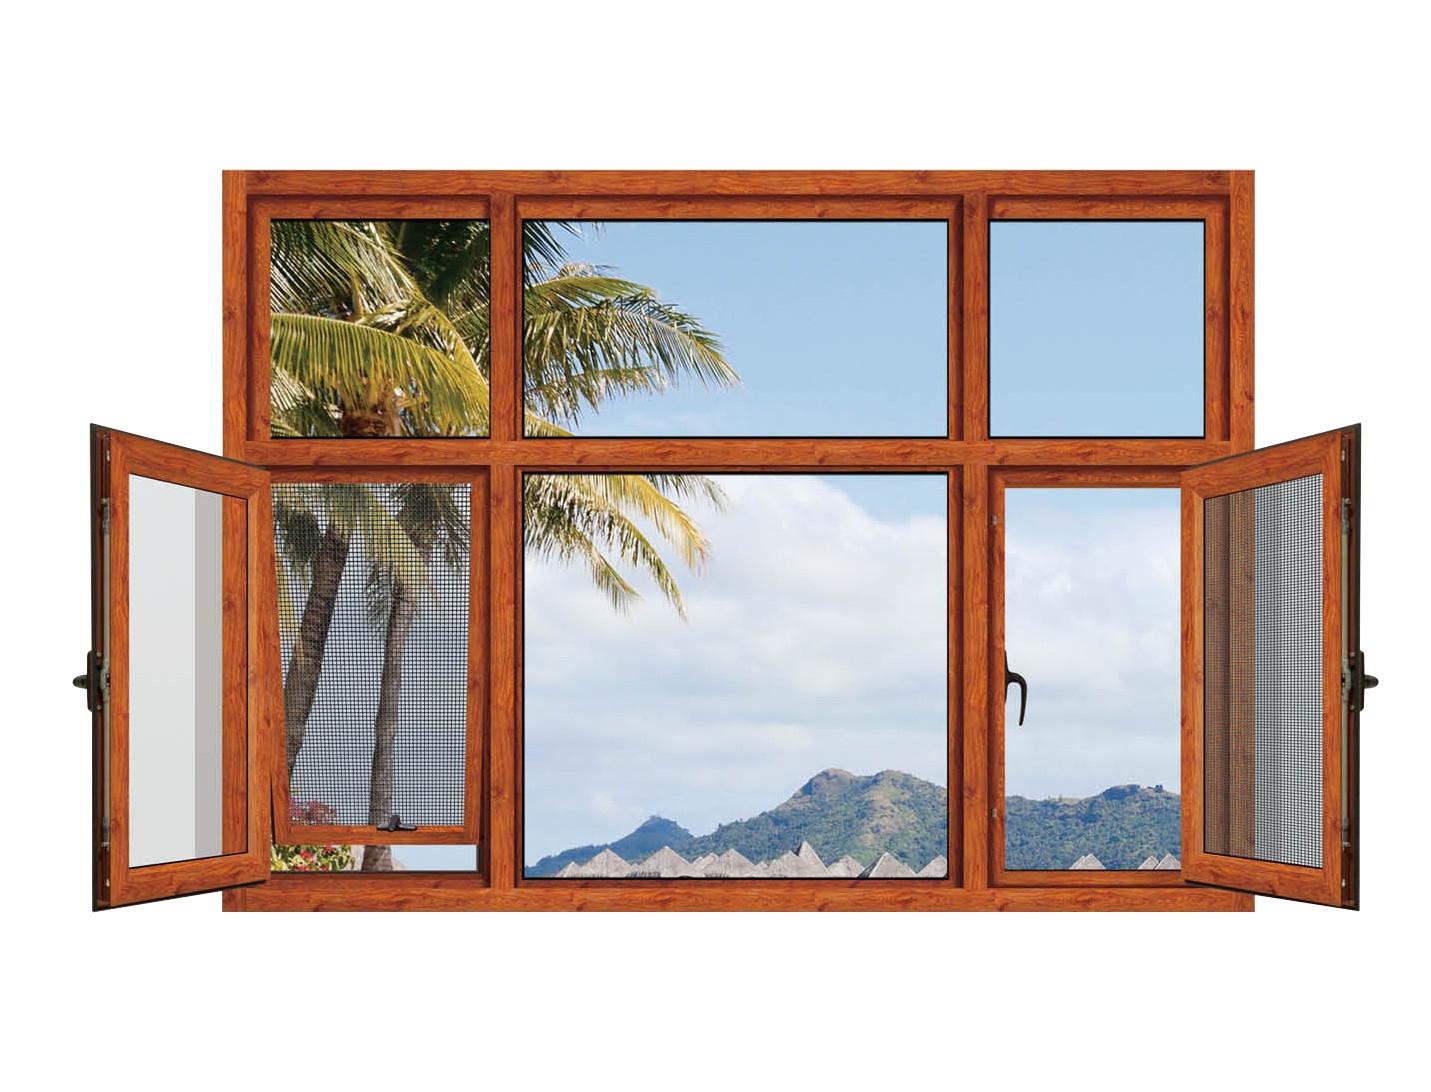 定制铝包木门窗 木包铝门窗户封阳台 断桥铝门窗平开窗内开内倒窗